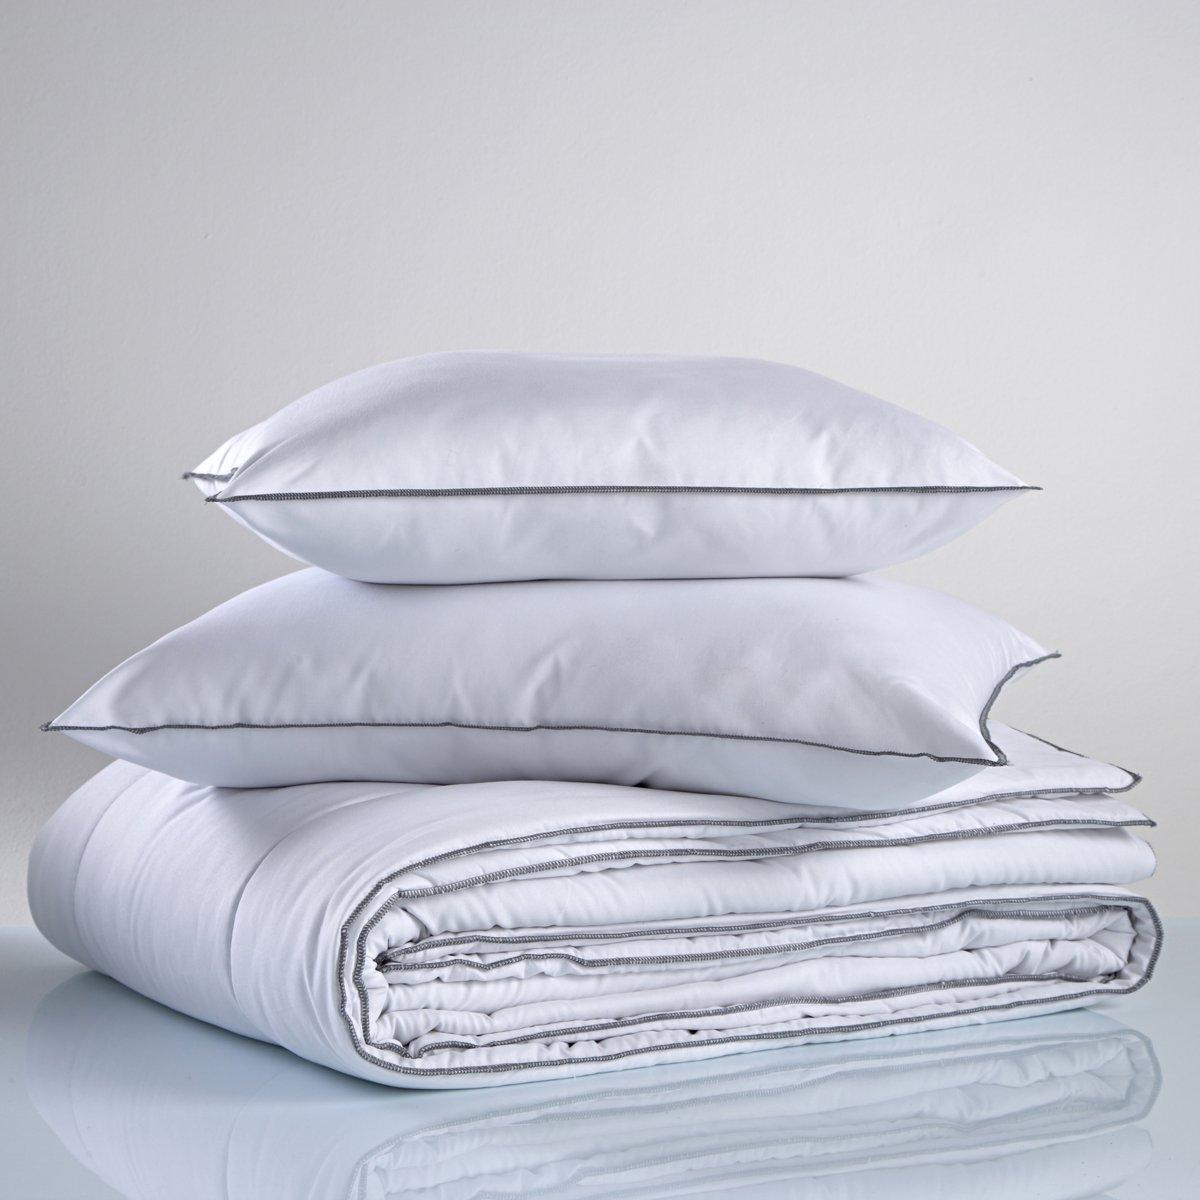 Одеяло синтетическое 300 г/м2 100% полиэстер